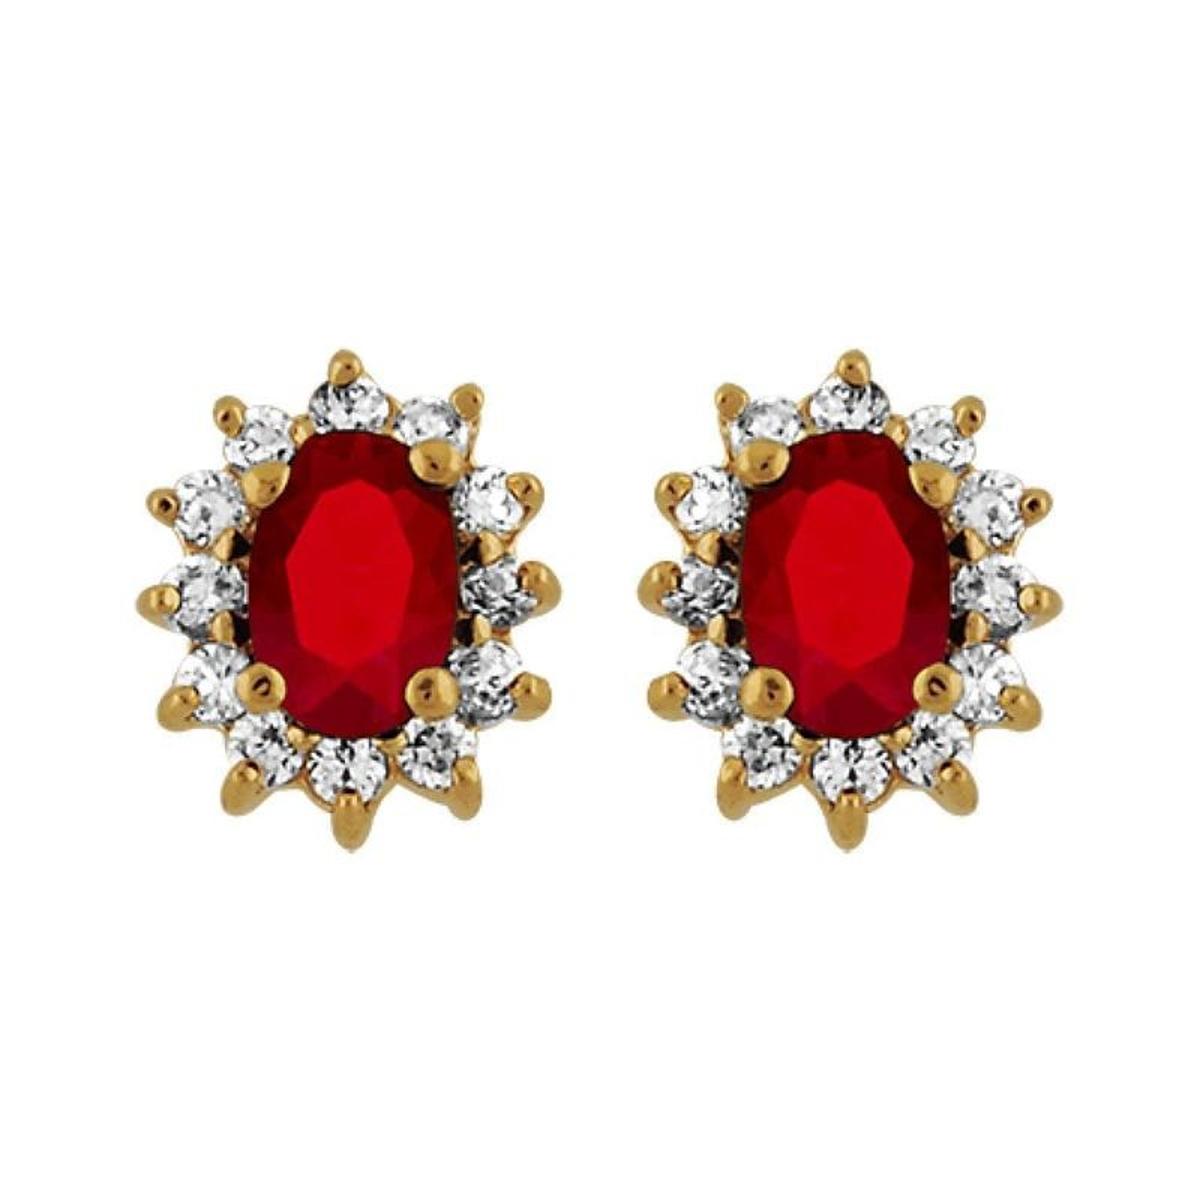 Boucles d'oreilles Marquise Rouge & Blanc Plaqué Or 750